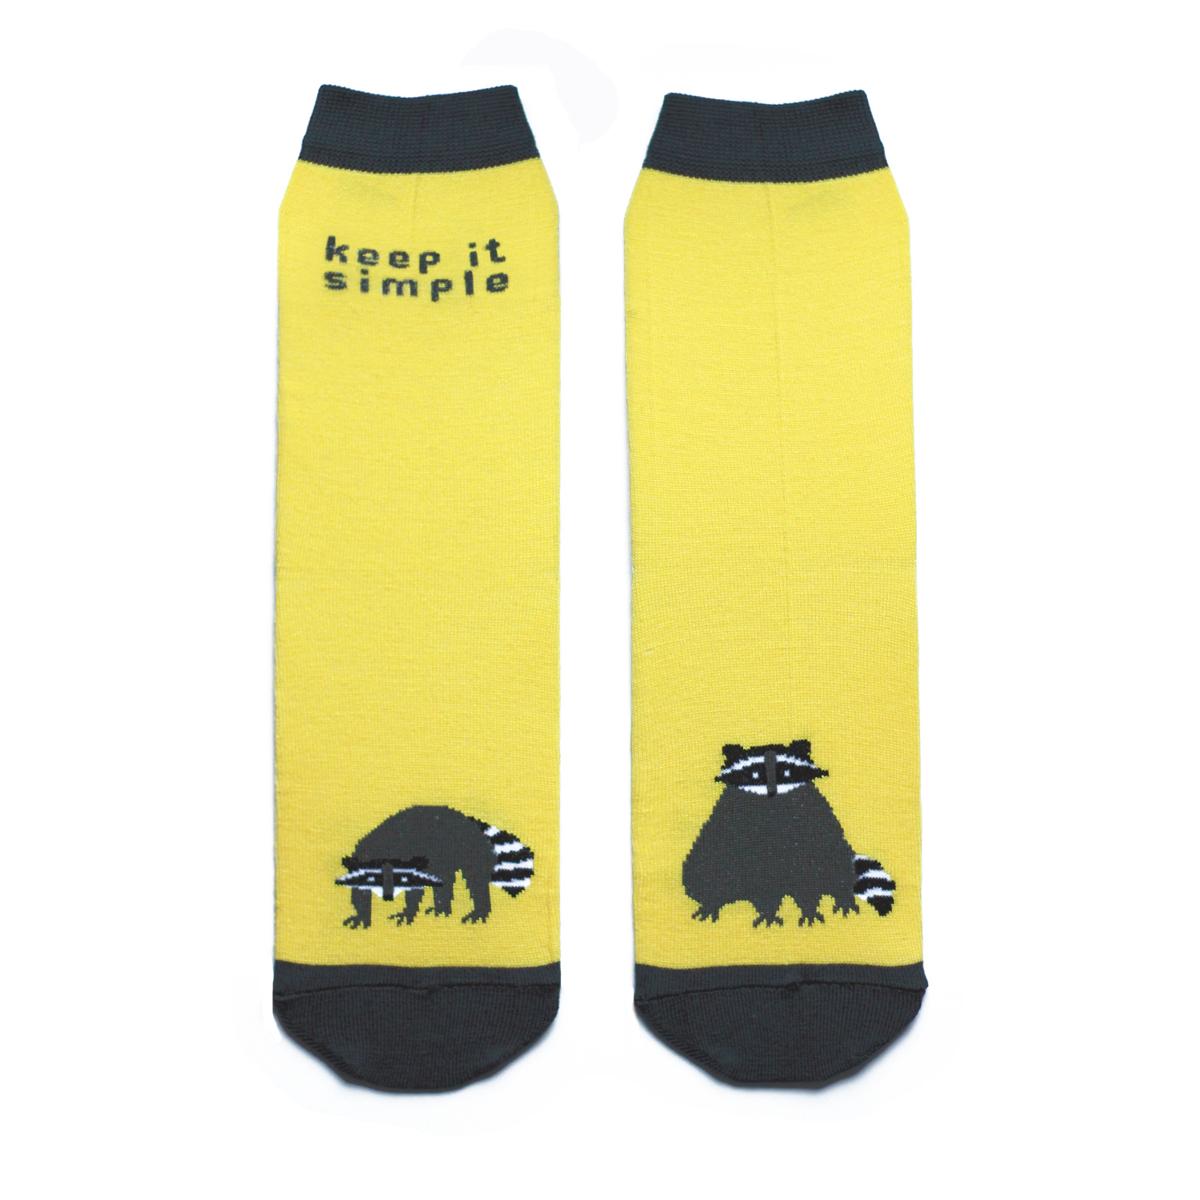 Носки мужские Big Bang Socks, цвет: желтый, темно-синий. ca1231. Размер 40/44ca1231Мужские носки Big Bang Socks изготовлены из высококачественного хлопка с добавлением полиамидных и эластановых волокон, которые обеспечивают великолепную посадку. Носки отличаются ярким стильным дизайном, они оформлены изображением енота и надписью: Keep it simple. Удобная широкая резинка идеально облегает ногу и не пережимает сосуды, усиленные пятка и мысок повышают износоустойчивость носка, а удлиненный паголенок придает более эстетичный вид. Дизайнерские носки Big Bang Socks - яркая деталь в вашем образе и оригинальный подарок для друзей и близких.